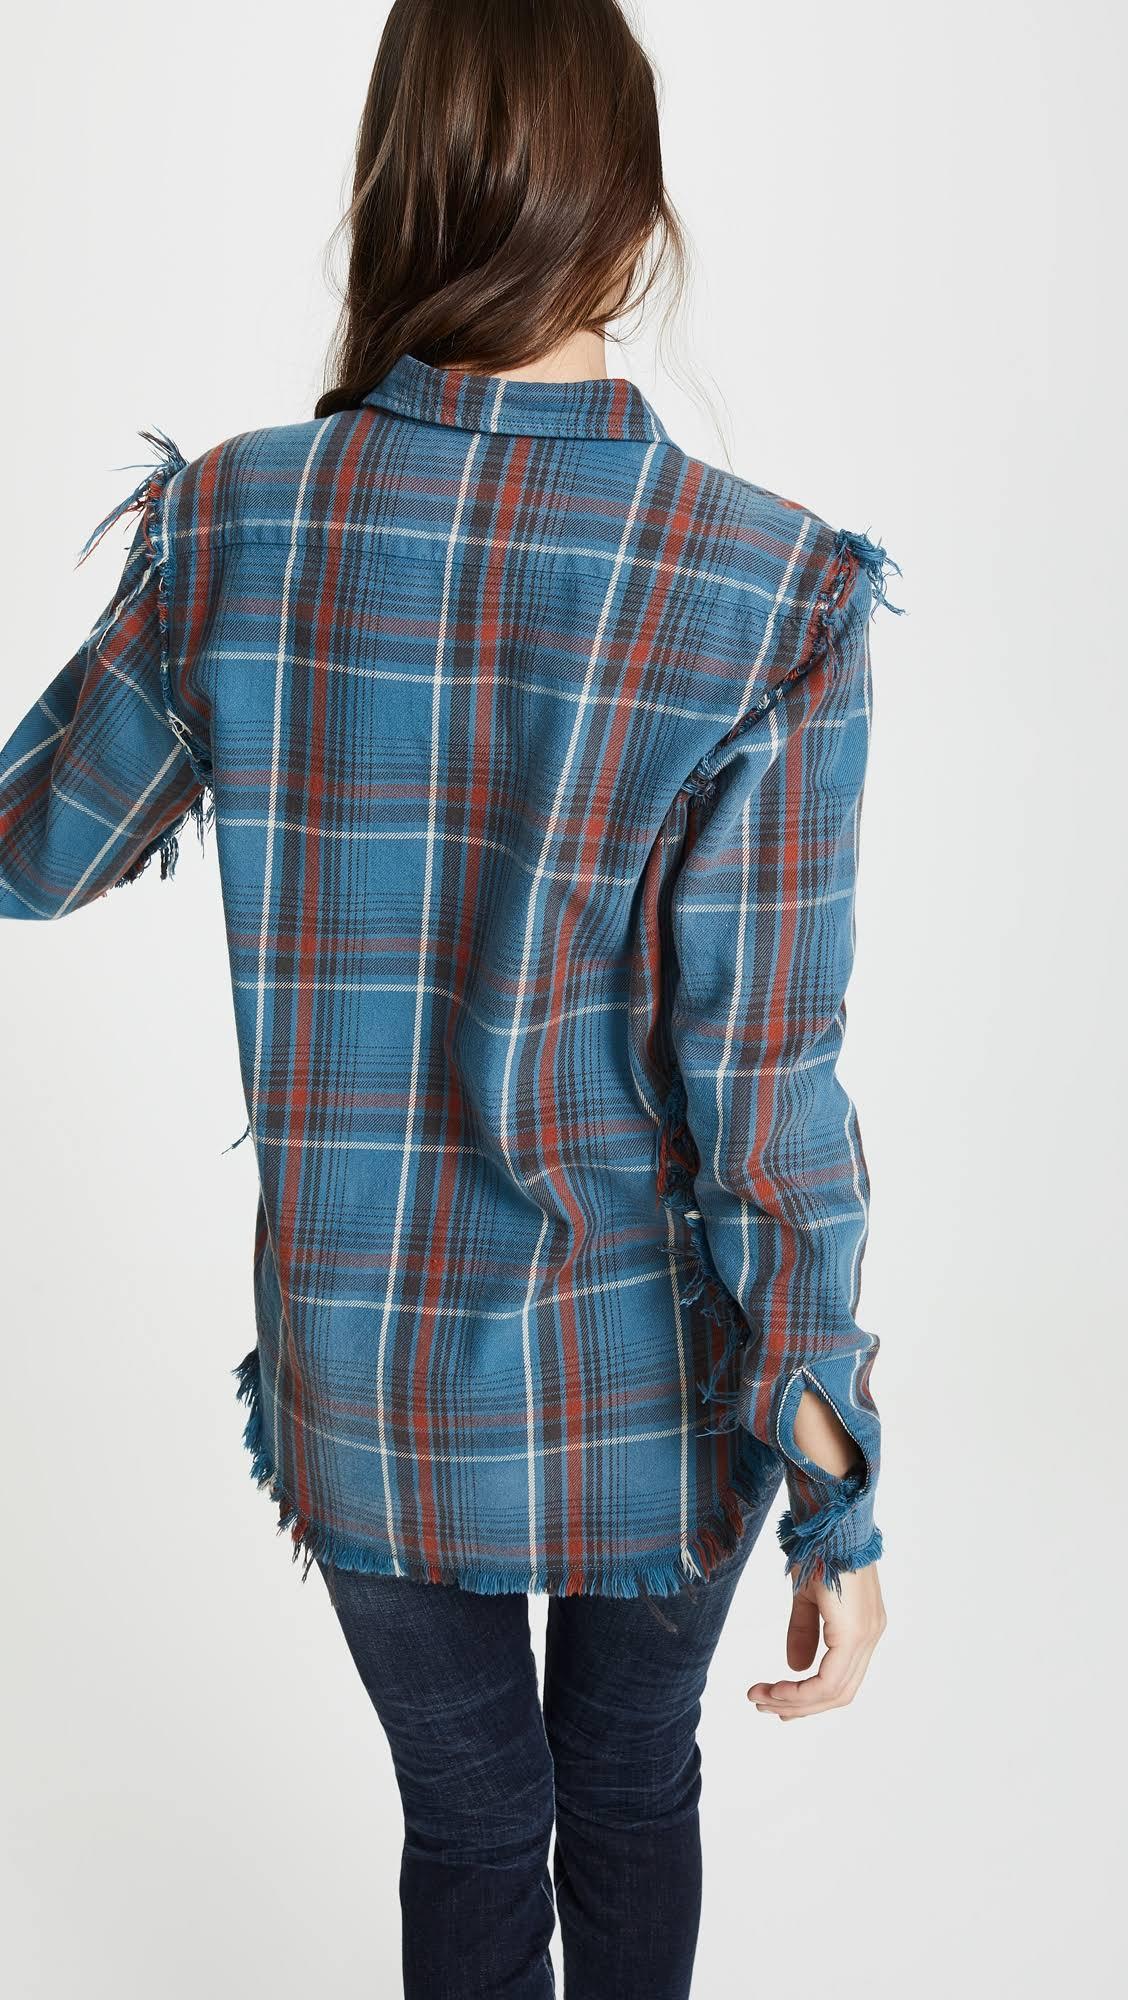 L Algodón Cuadros De Md Franela Para A Hombre Camisa Azul R13 Tamaño RTqw66